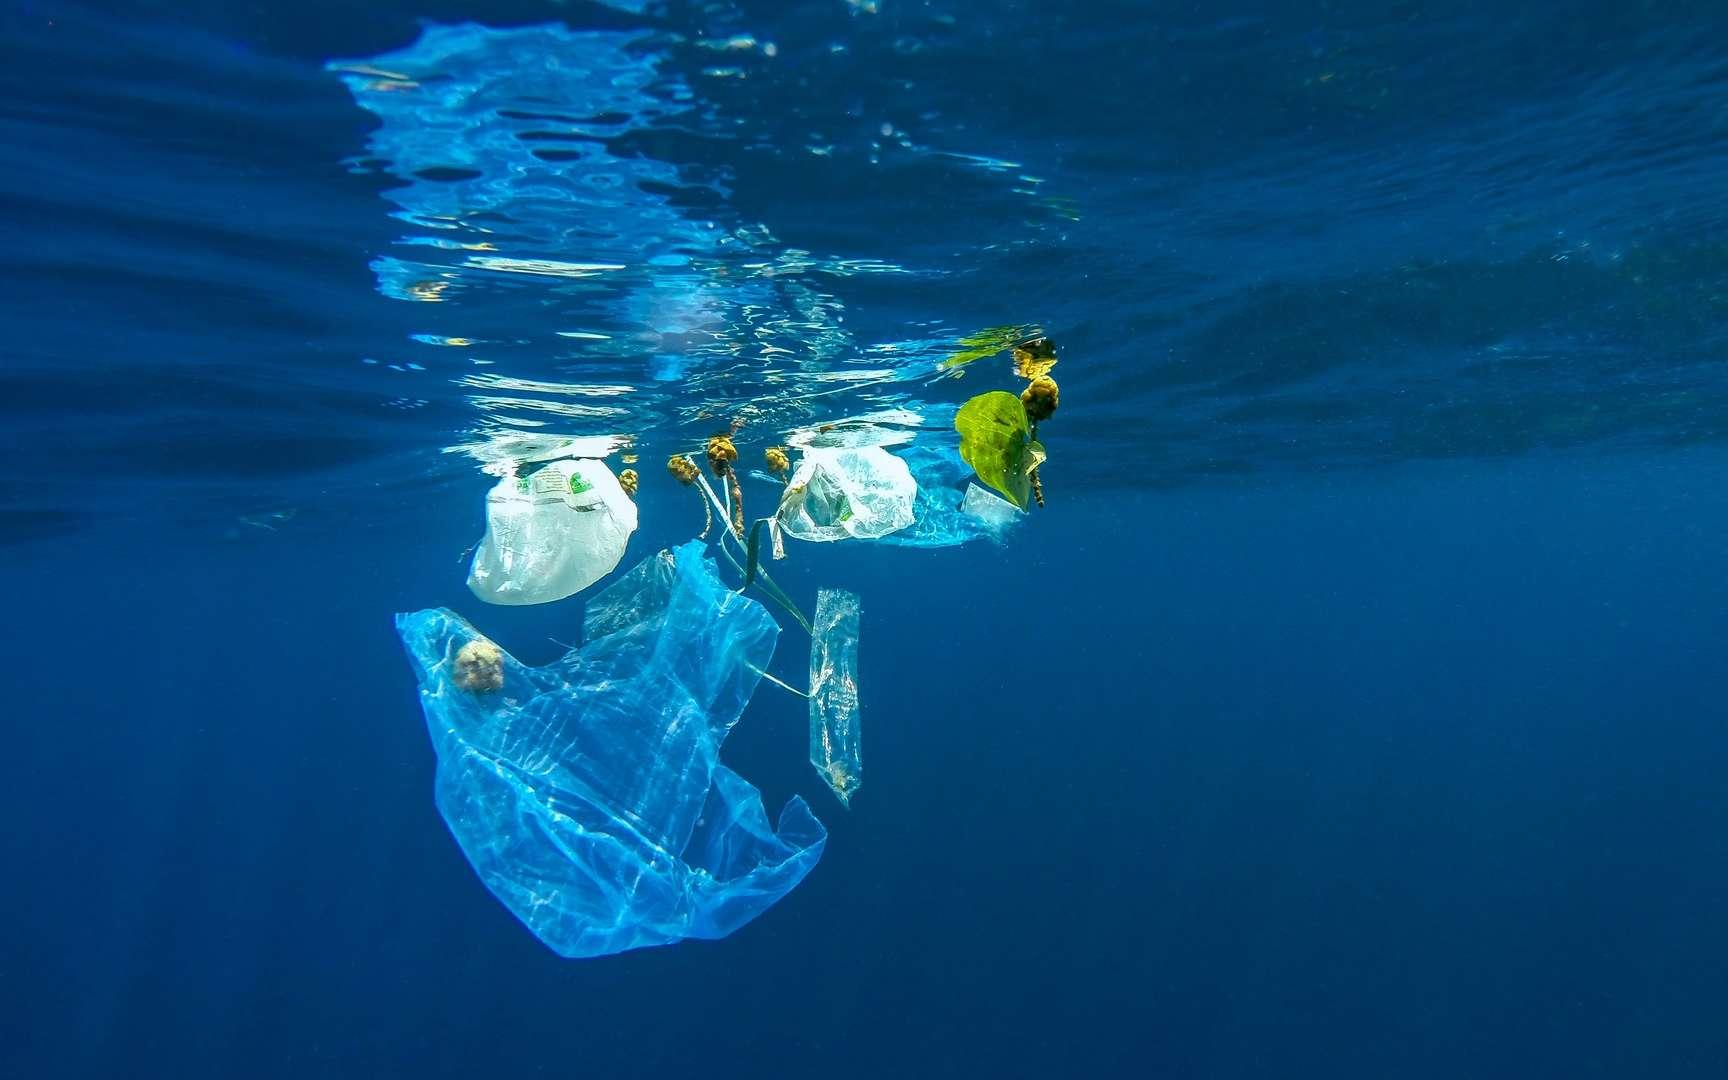 La pollution de l'océan Pacifique par les matières plastiques est inquiétante. © aryfahmed, Fotolia